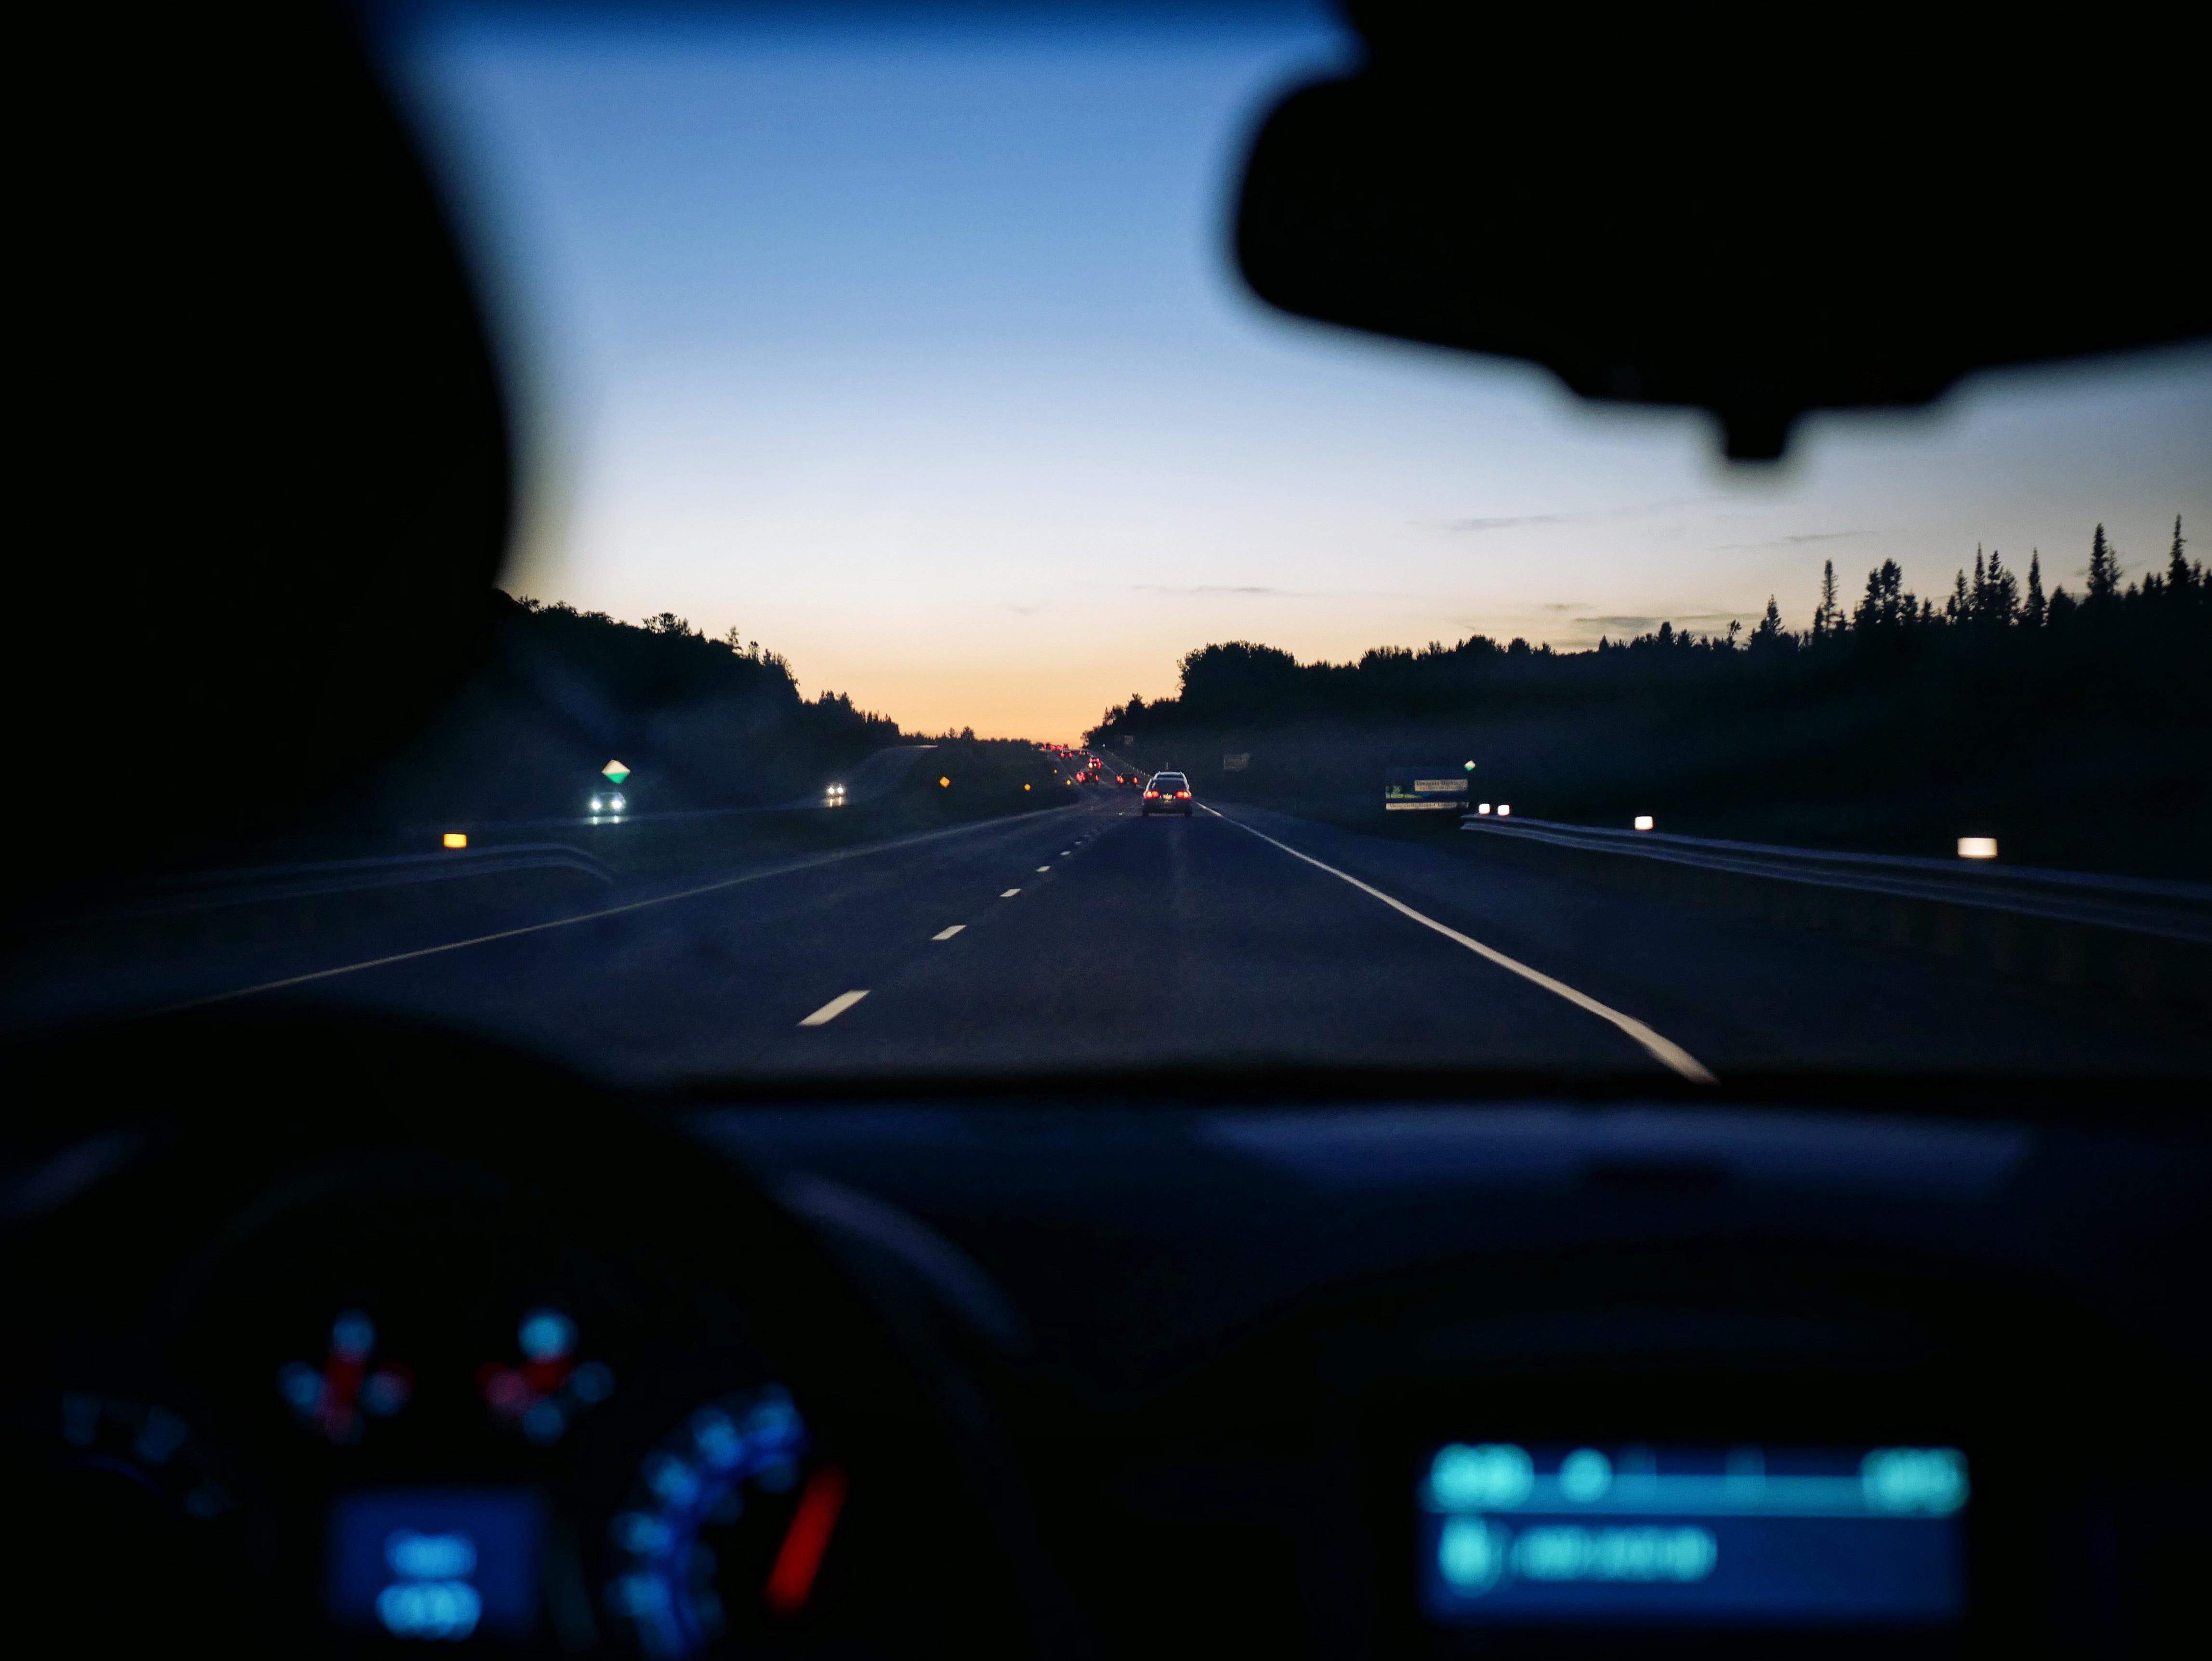 натуральную фото дороги из машины вечером весной бредём дорогами пыльными